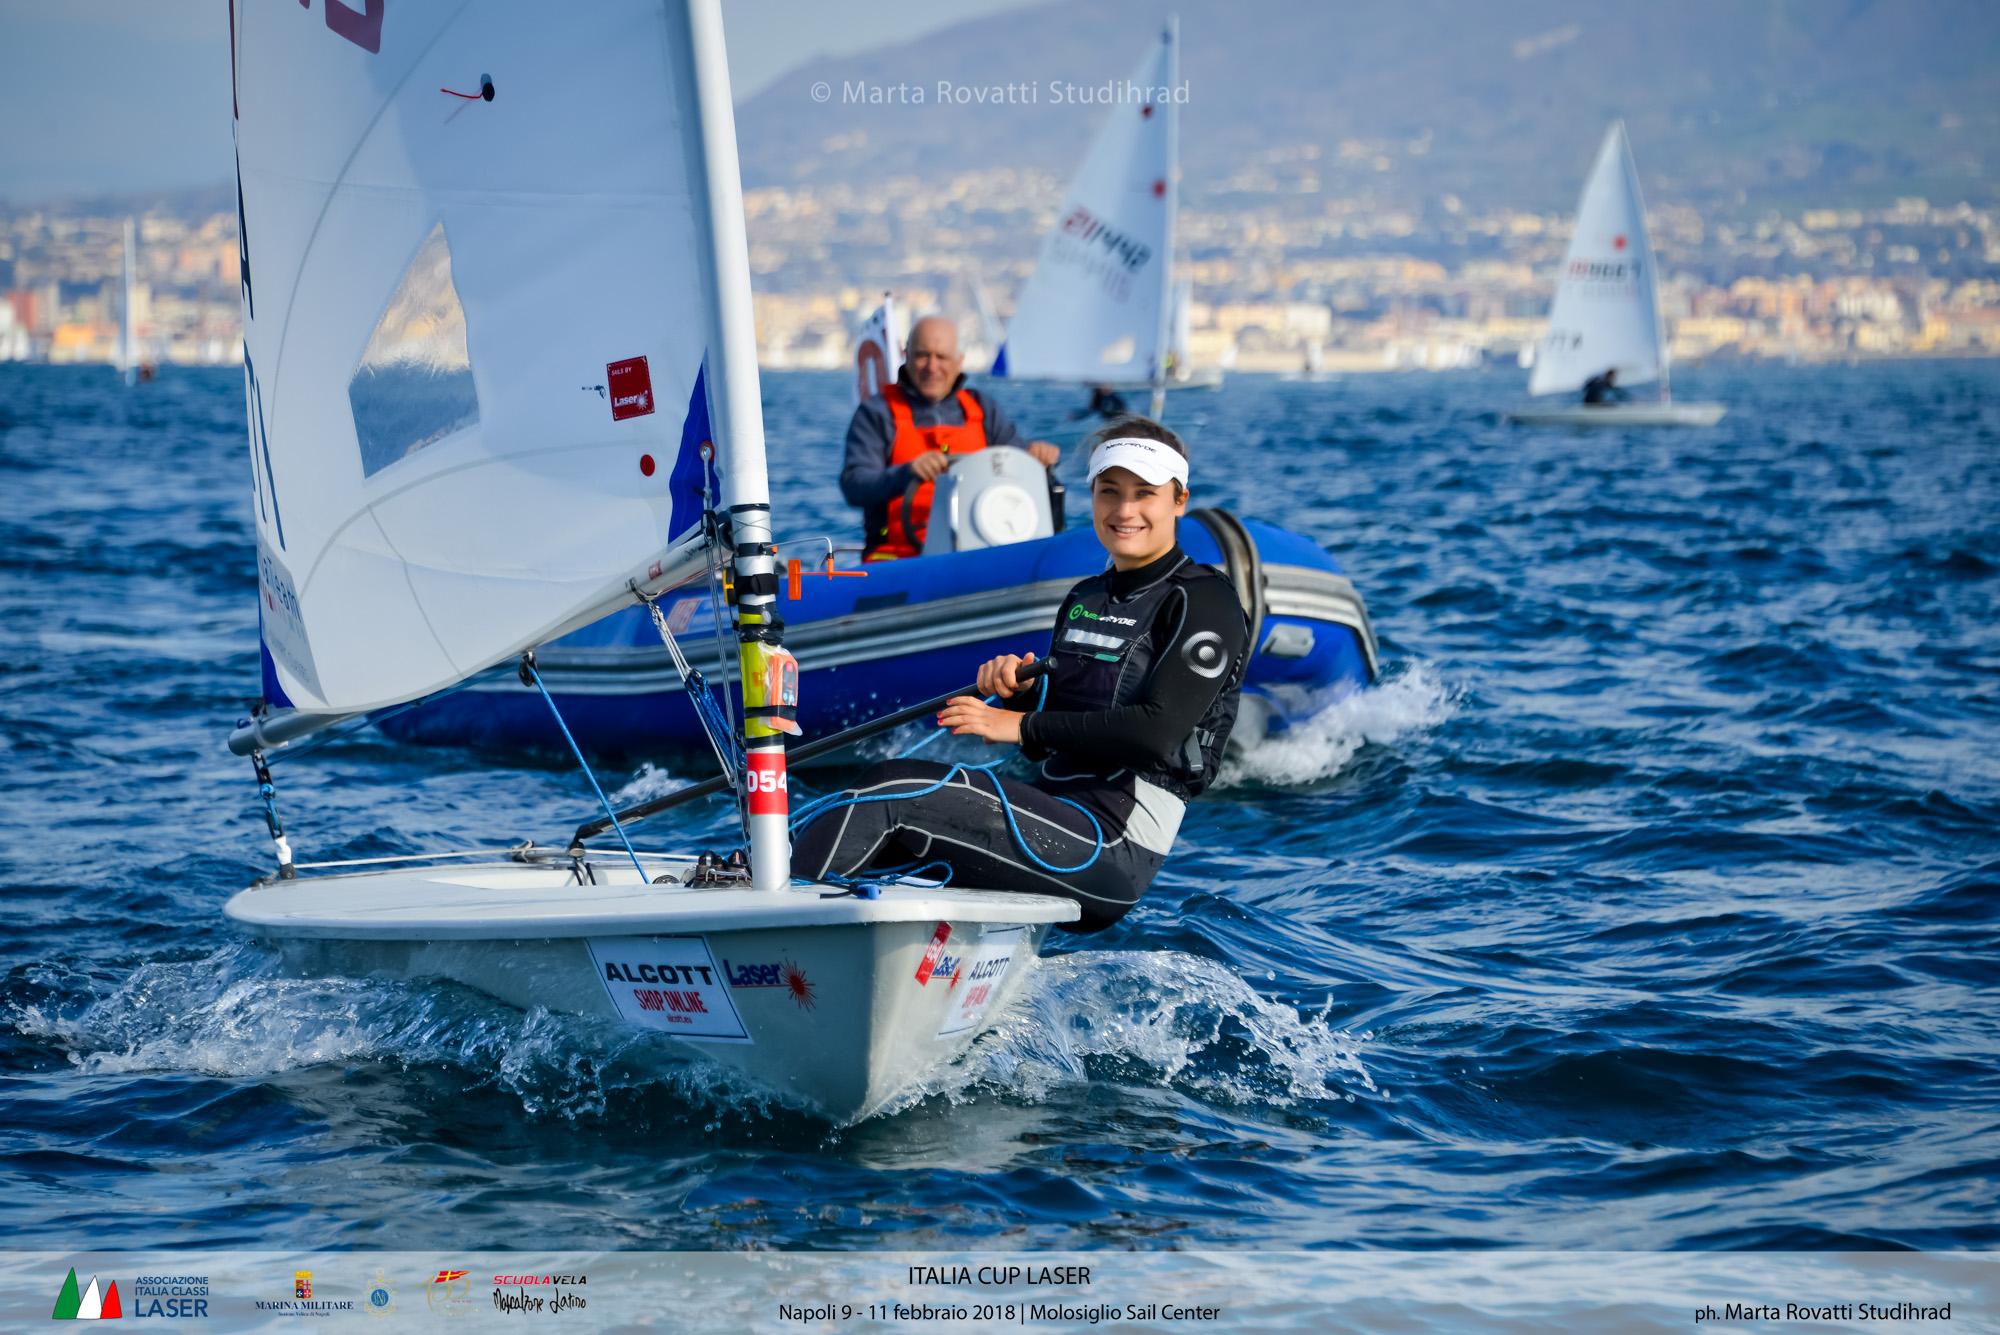 Associazione-Italia-Classi-Laser-2018-NapoliMGR_9996